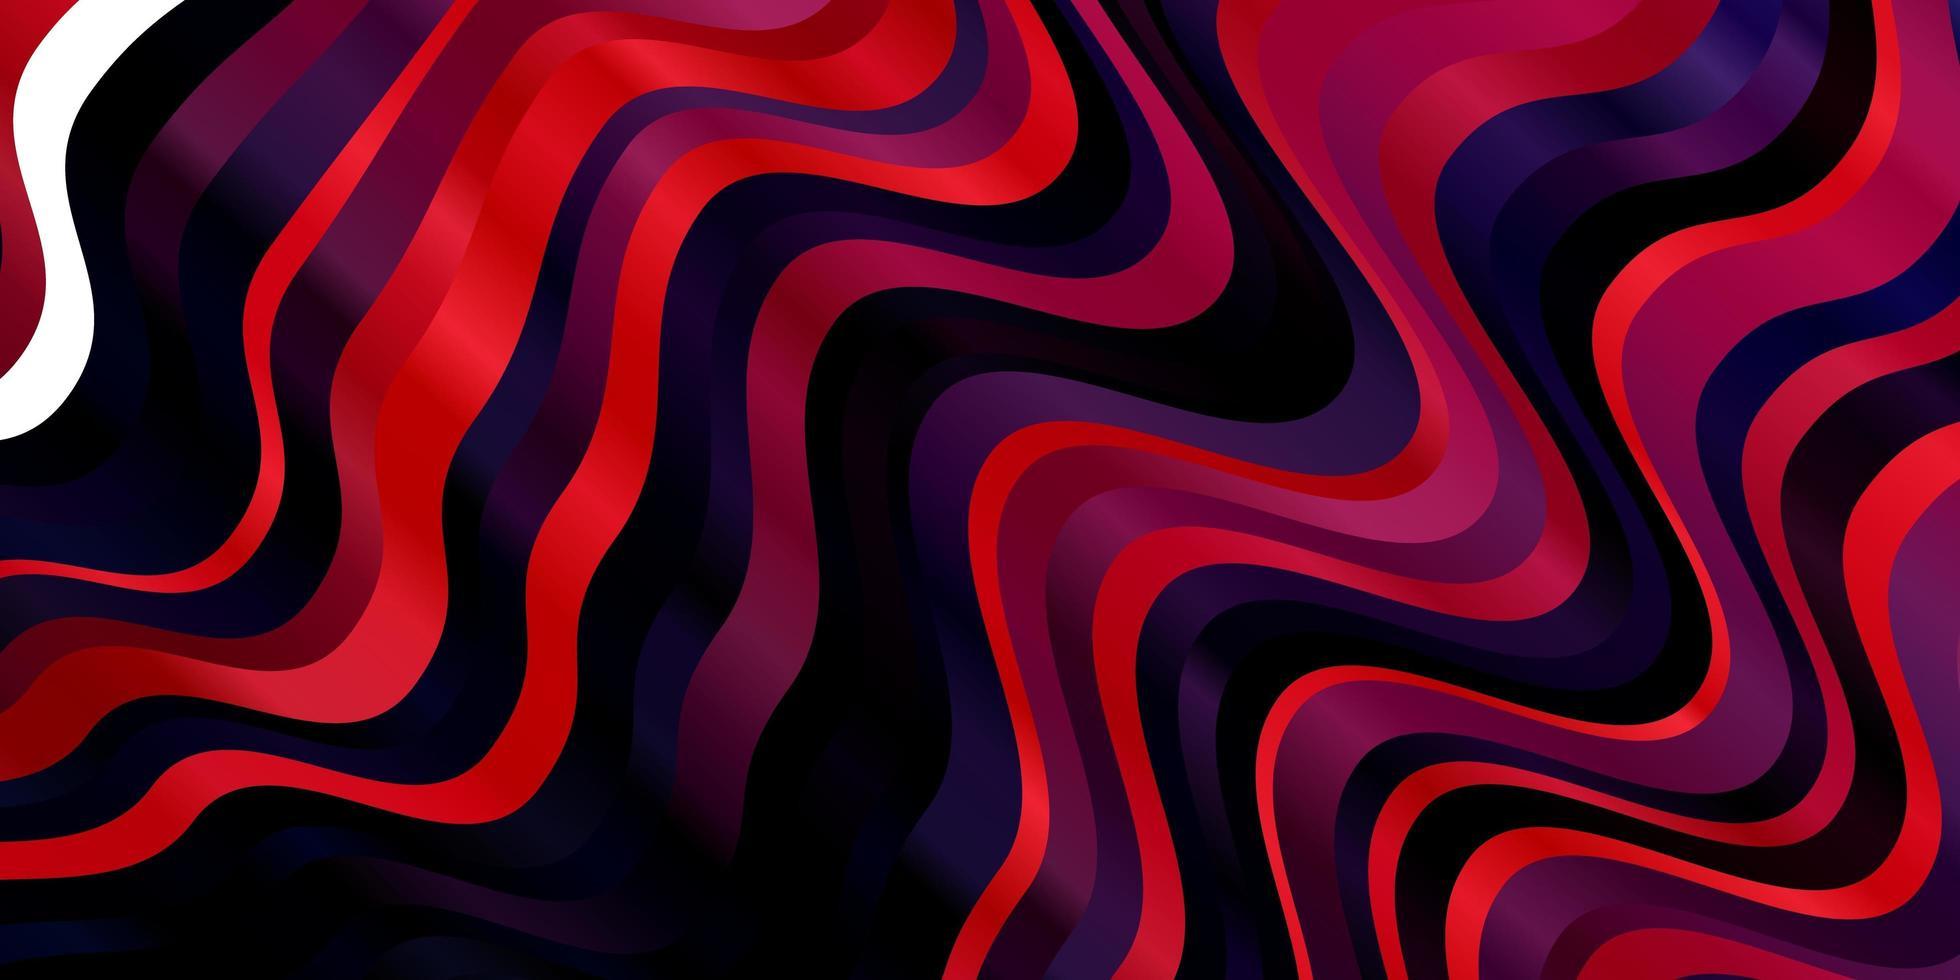 modelo de vetor rosa escuro, azul com linhas irônicas.